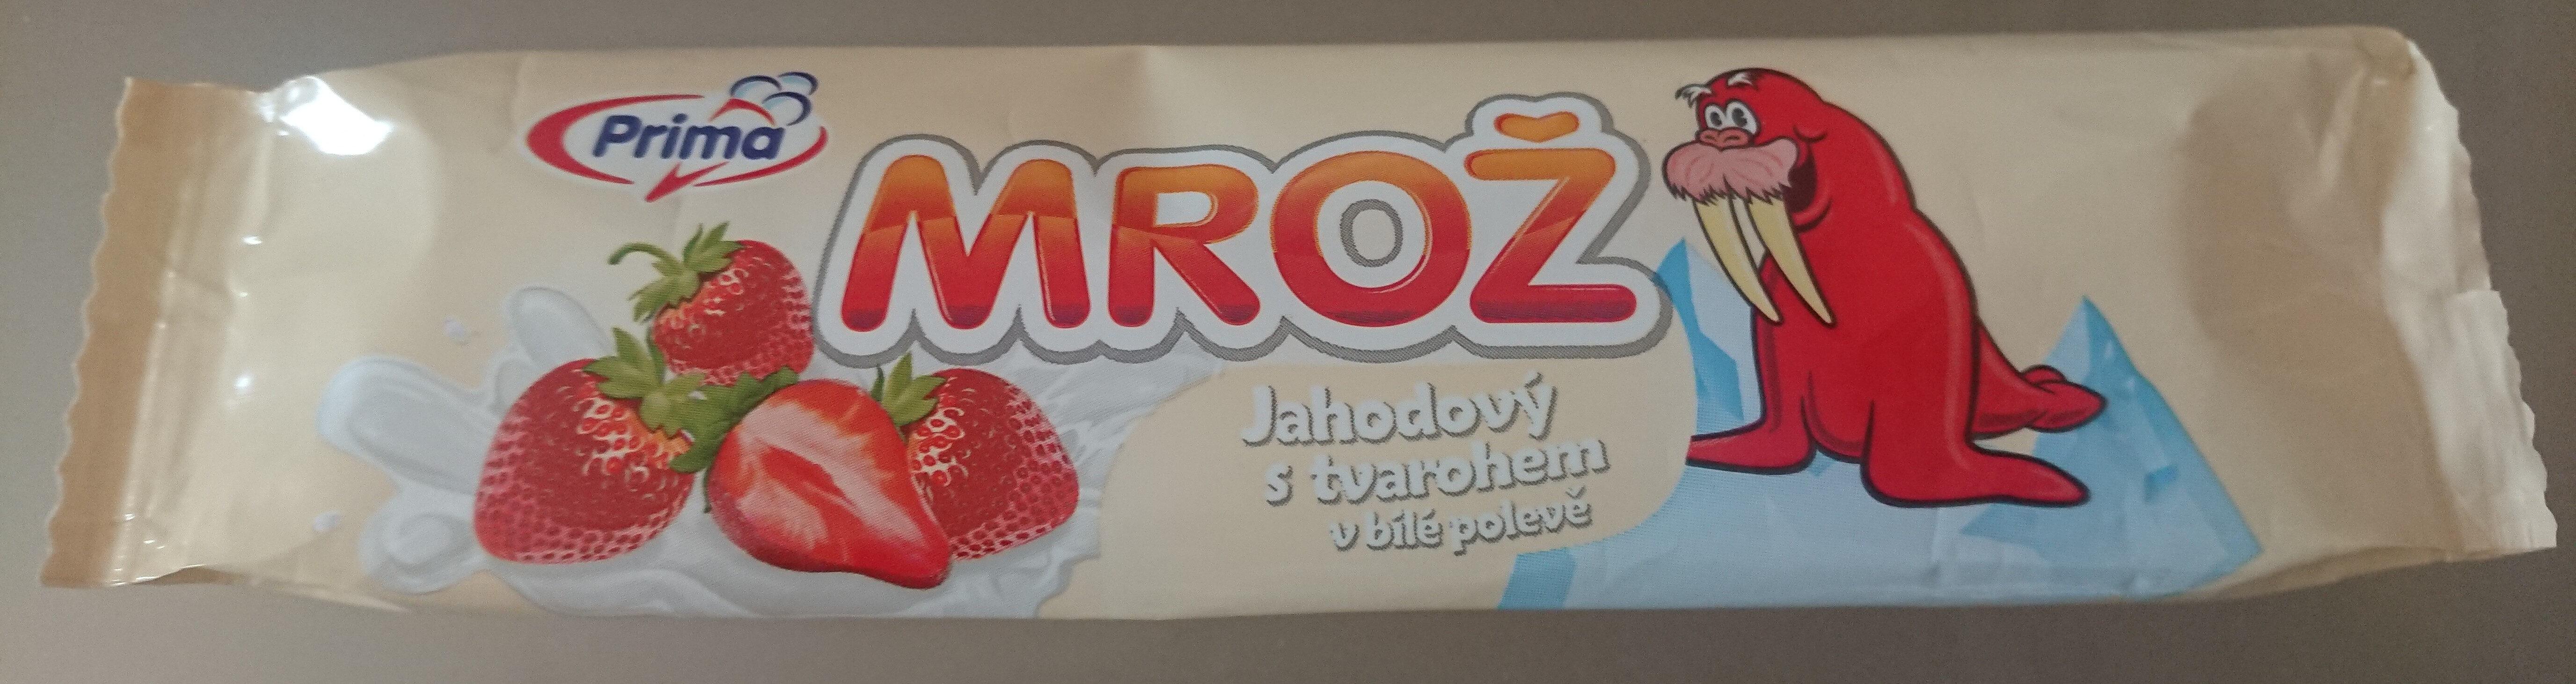 Mrož jahodový s tvarohem v bílé polevě - Product - cs